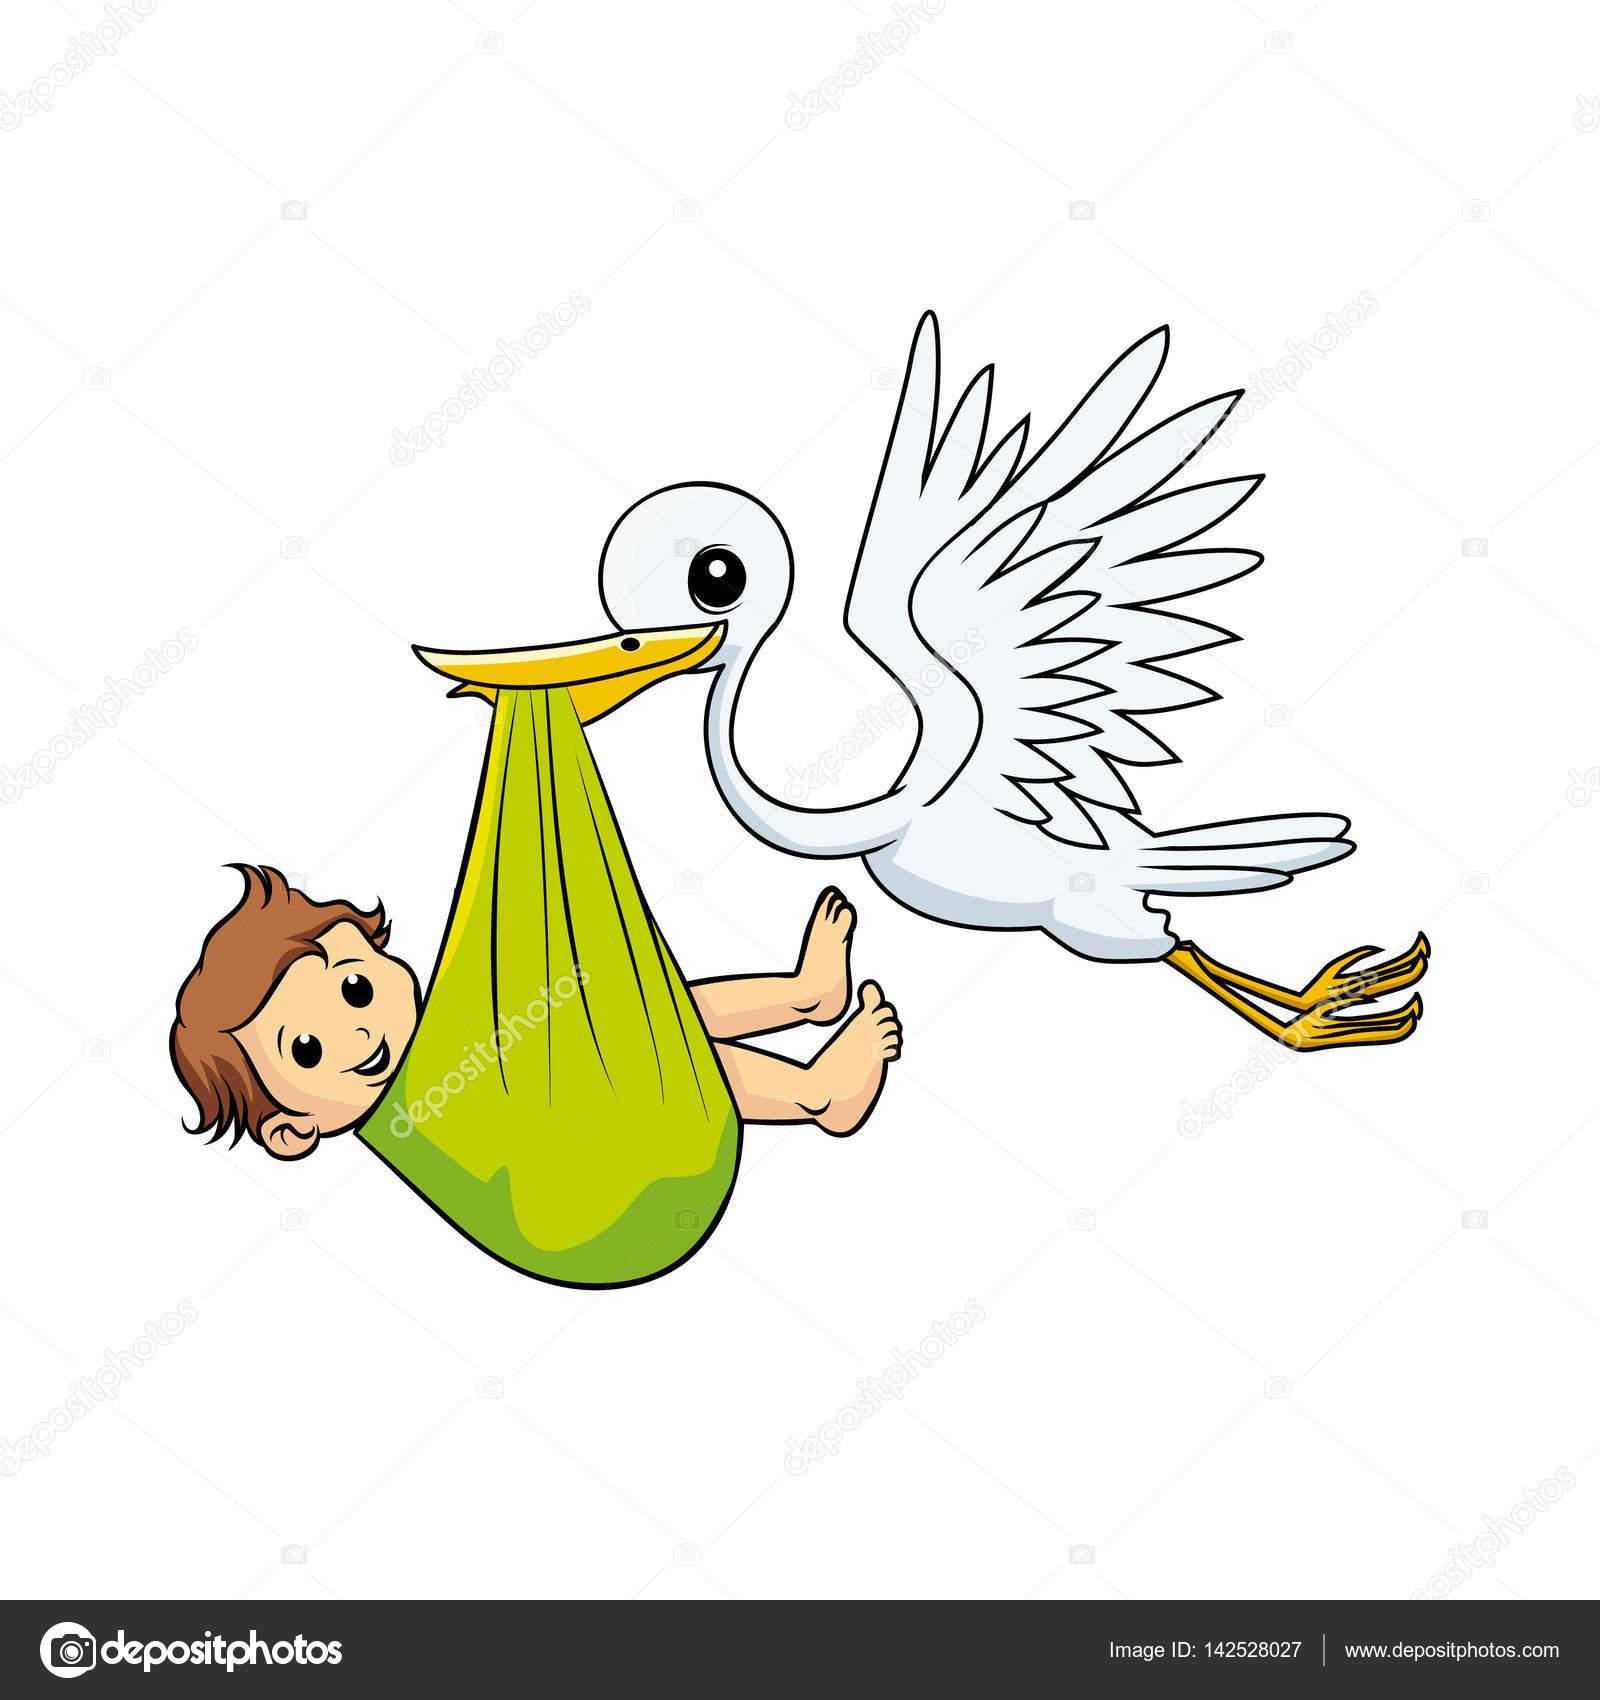 stork bird carrying baby boy stock vector abcvecctor 142528027